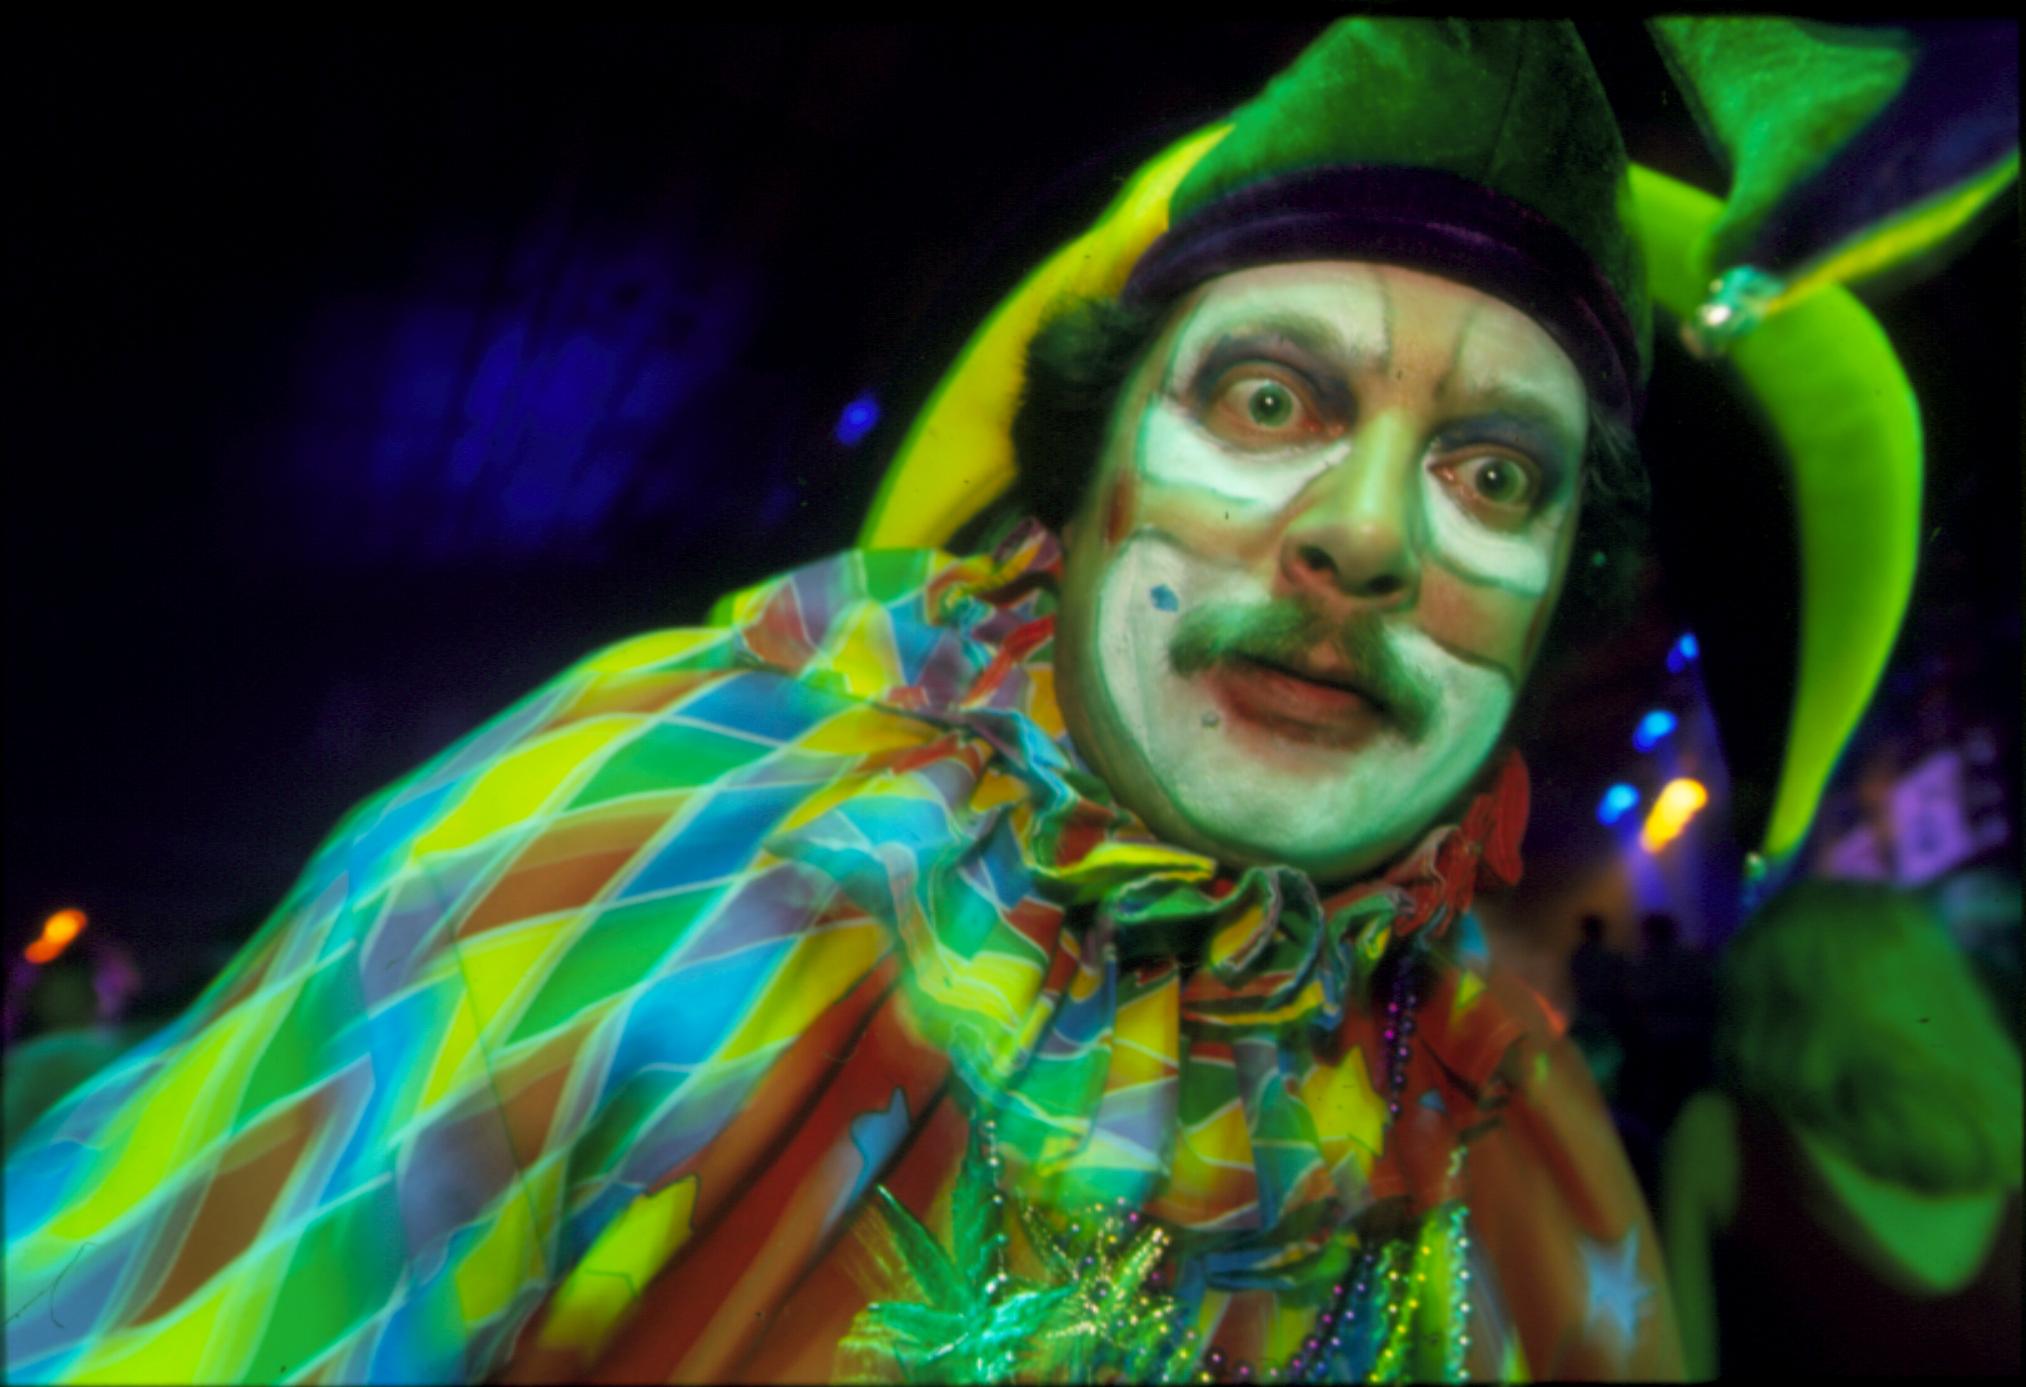 CarnavalClown4MatthewMahon